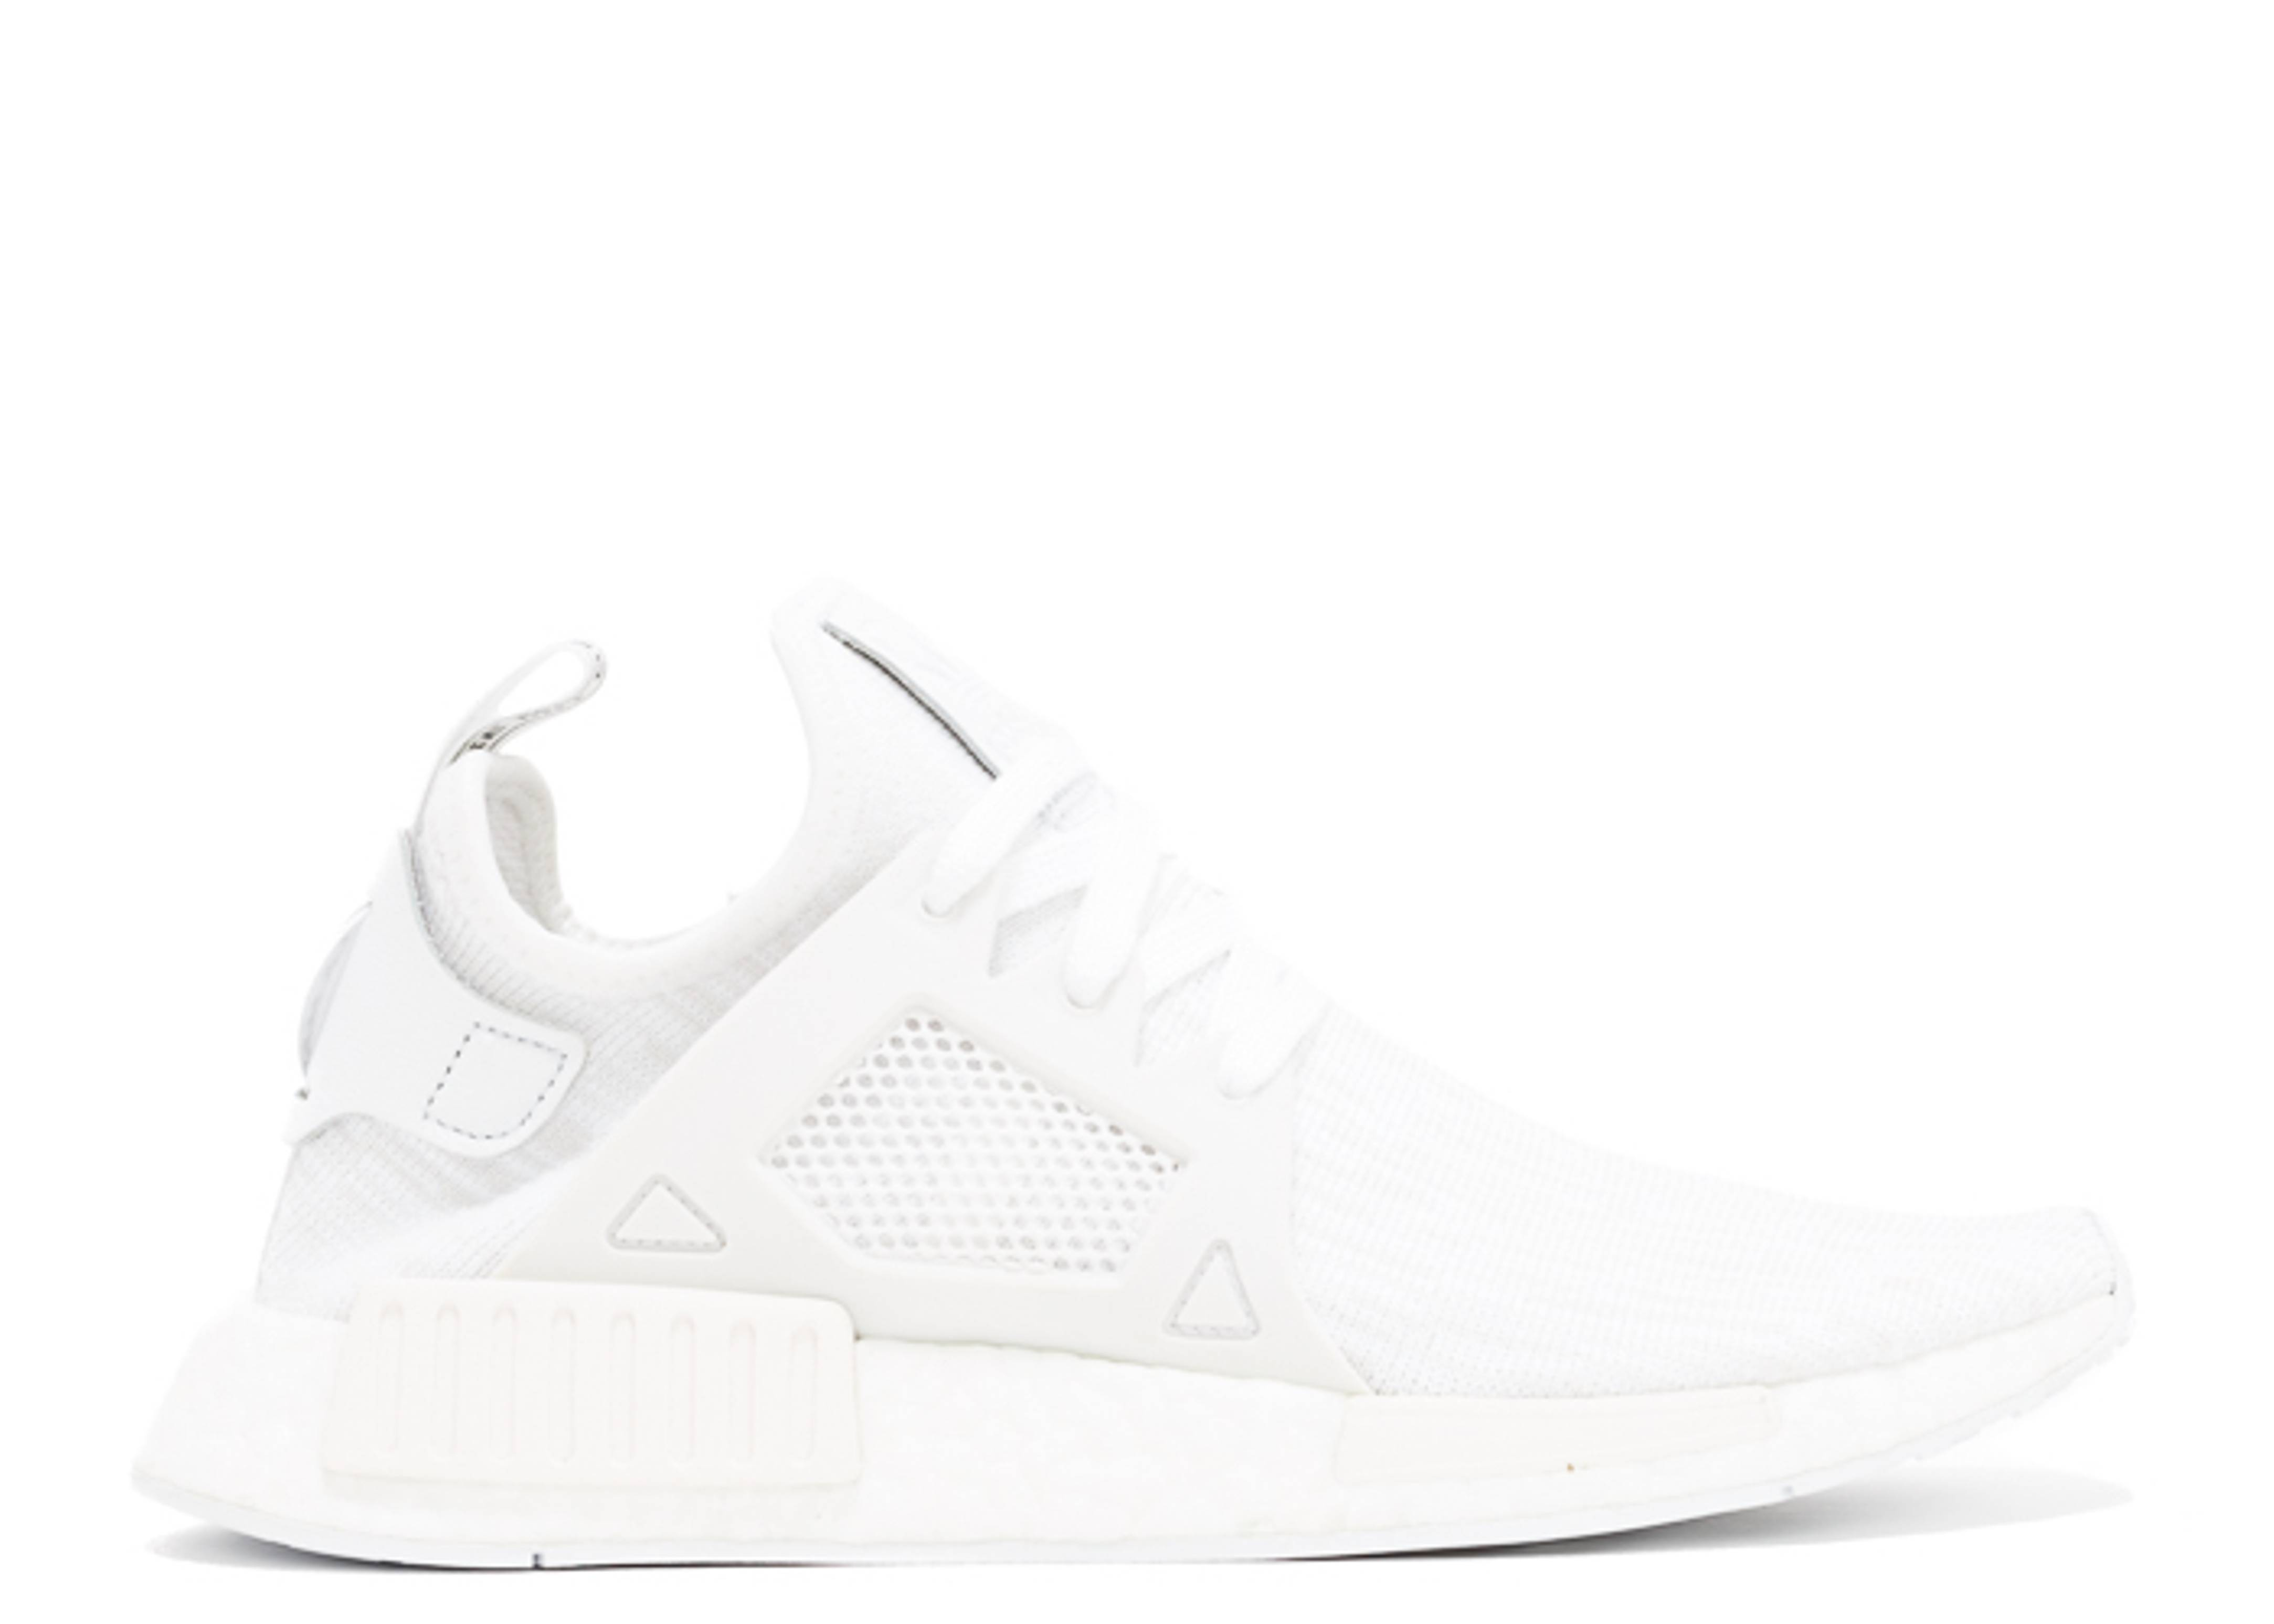 e7be3a058 Nmd Xr1 Pk - Adidas - bb1967 - white white